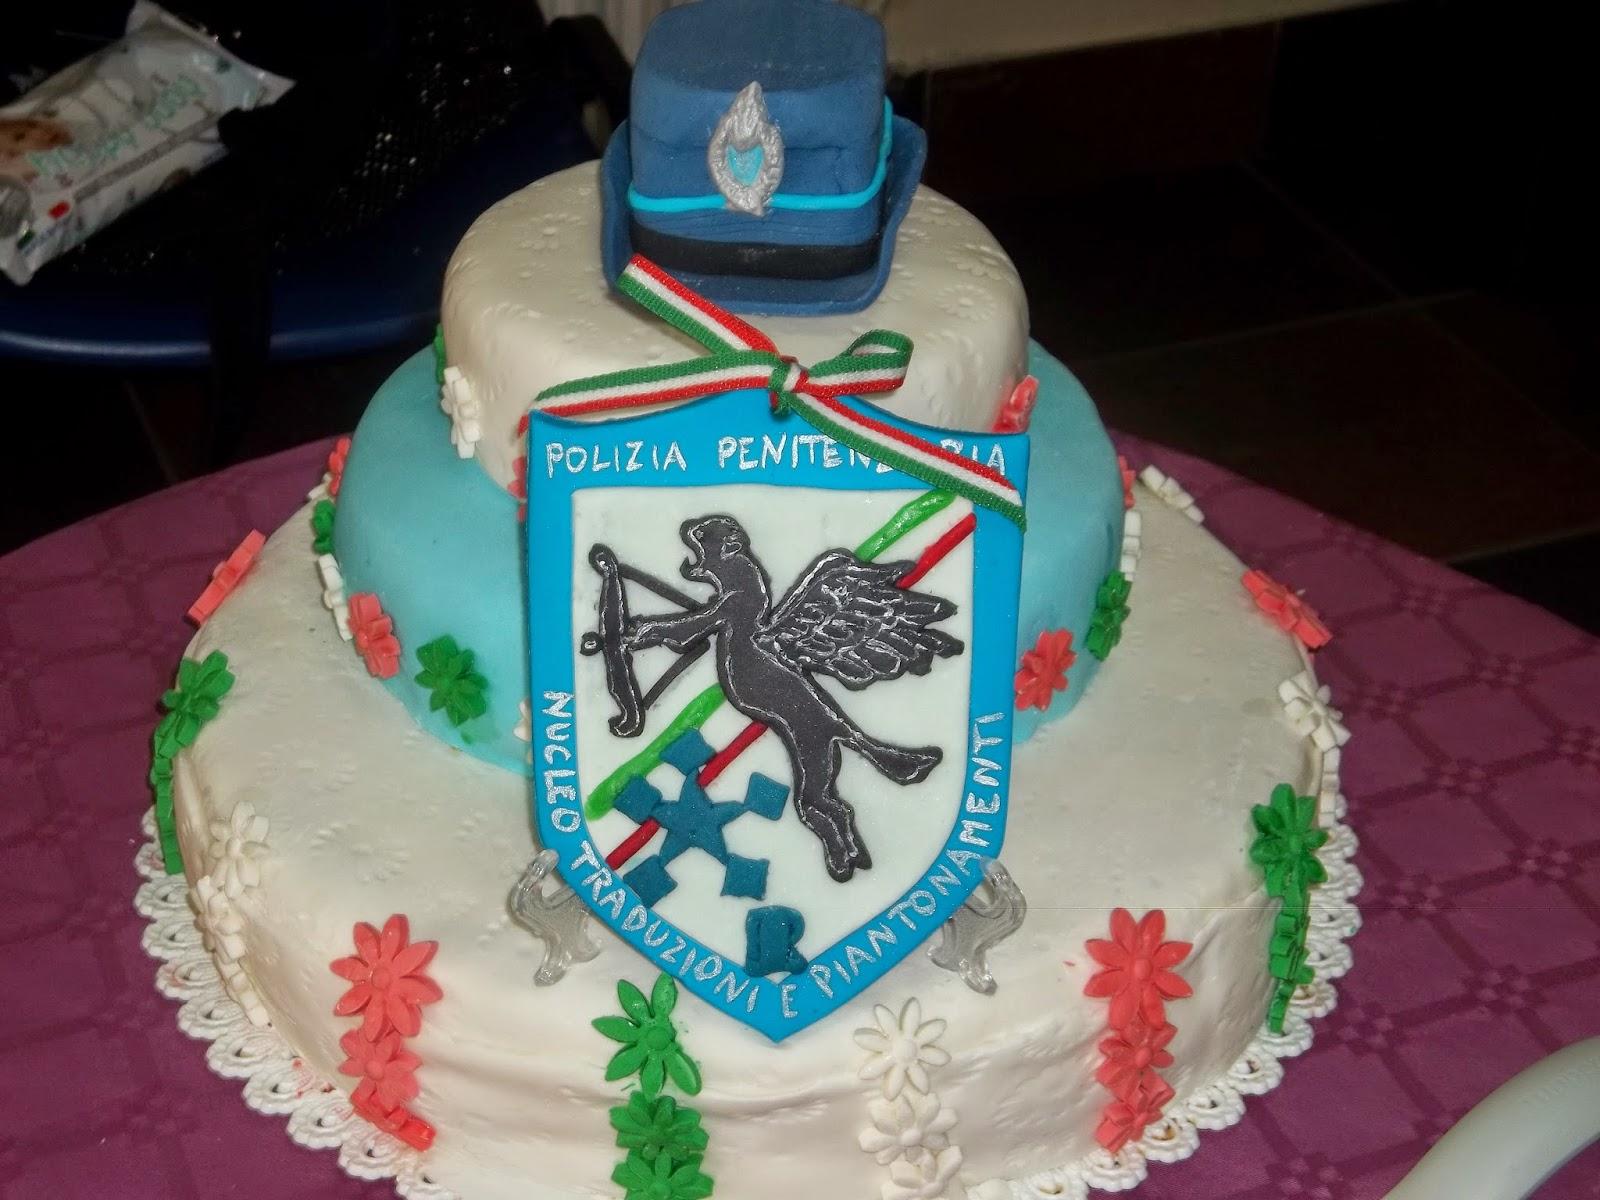 torta per pol. pen. con topper cappello per donna e stemma del f424cd2f4b27